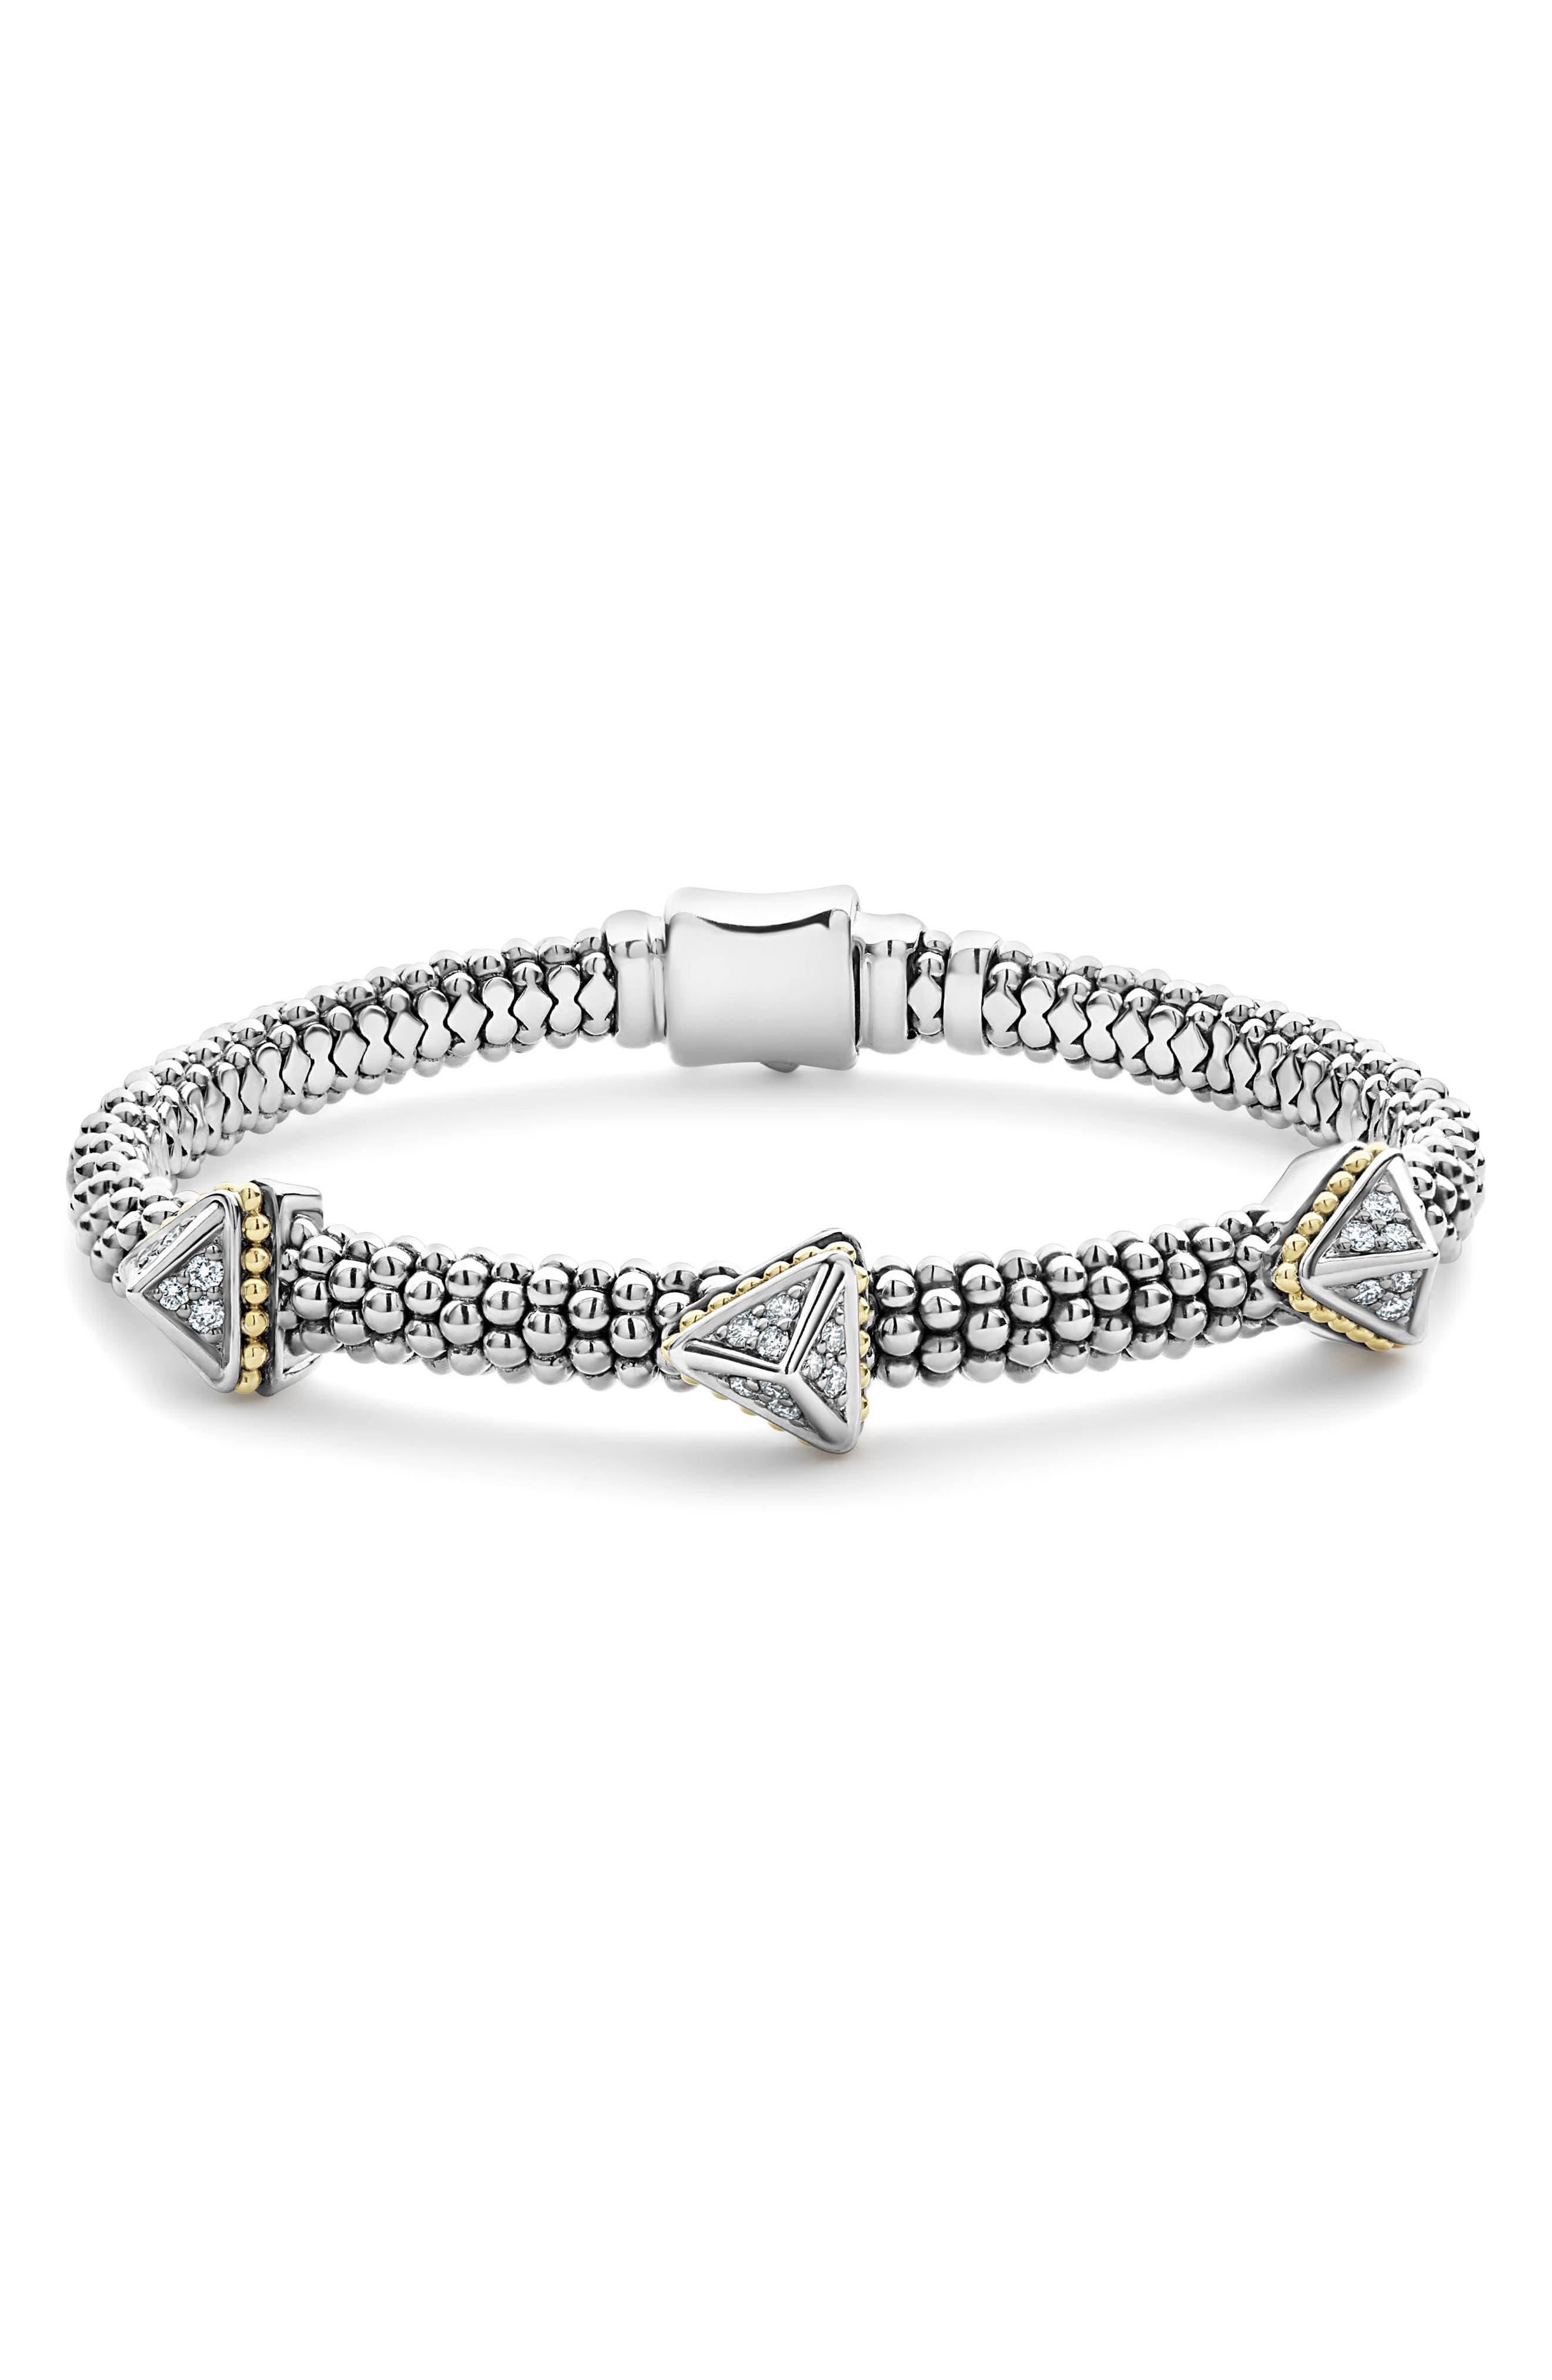 KSL Lux Diamond Pyramid Bracelet,                             Main thumbnail 1, color,                             SILVER/ DIAMOND